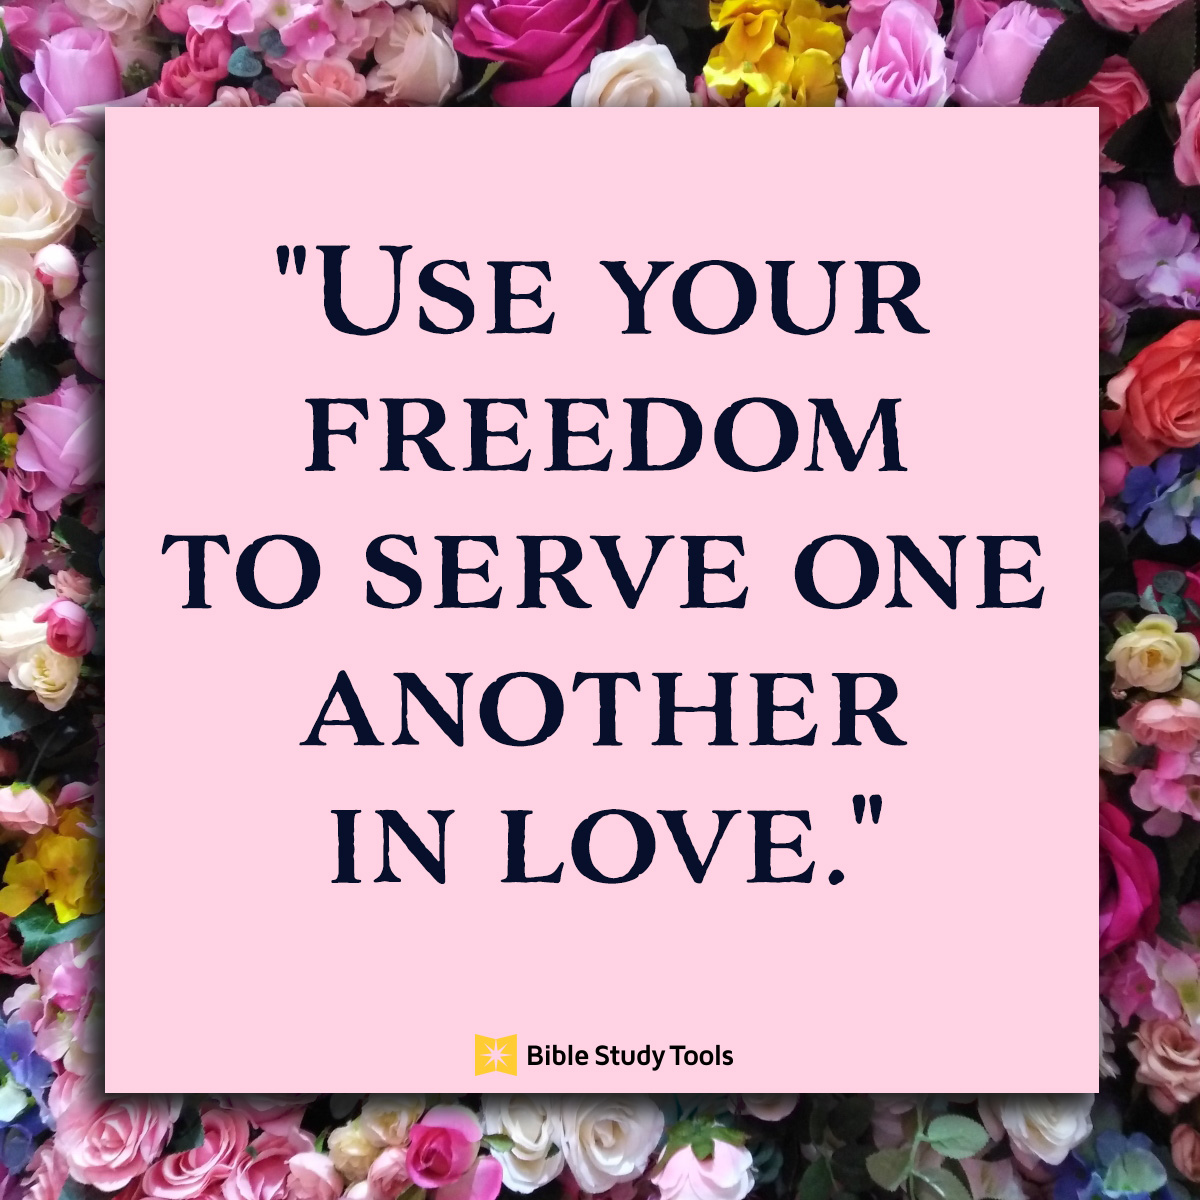 Serve in love square image